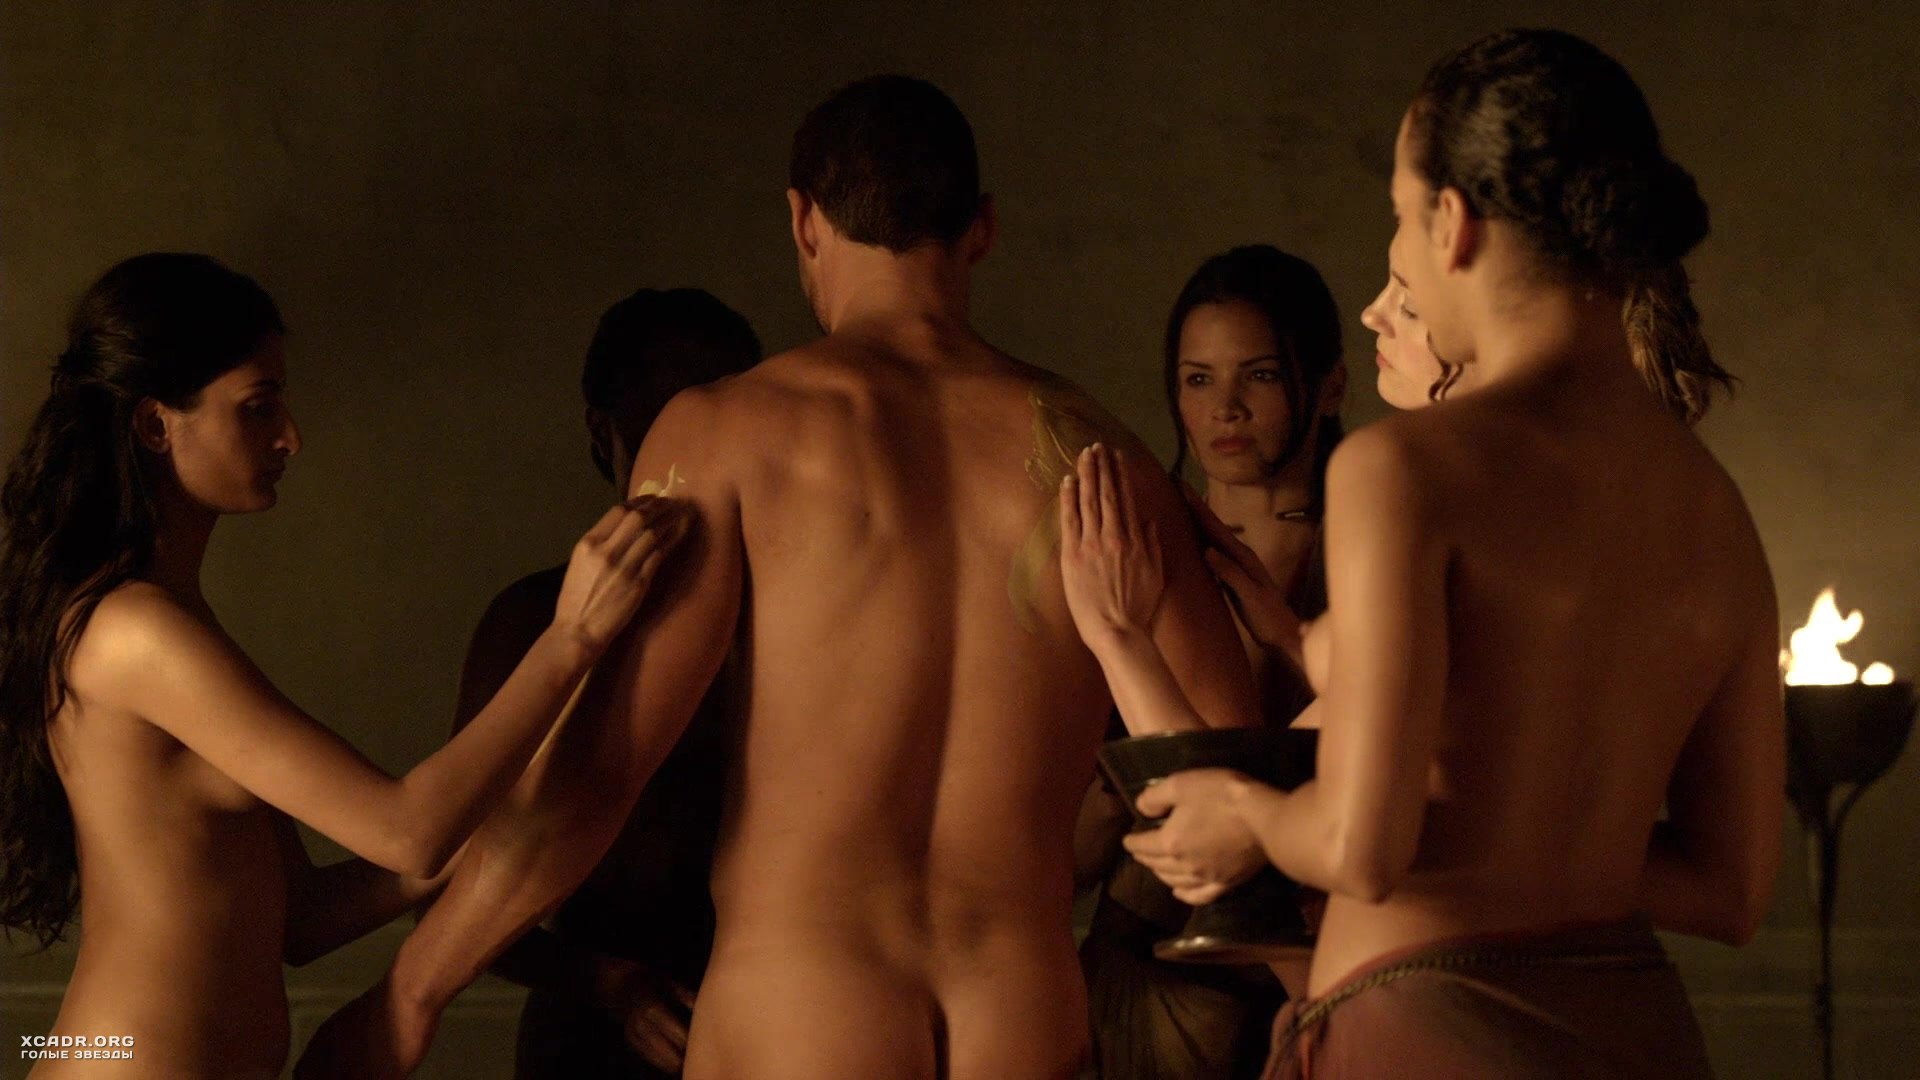 podborka-eroticheskih-stsen-v-filmah-smotret-onlayn